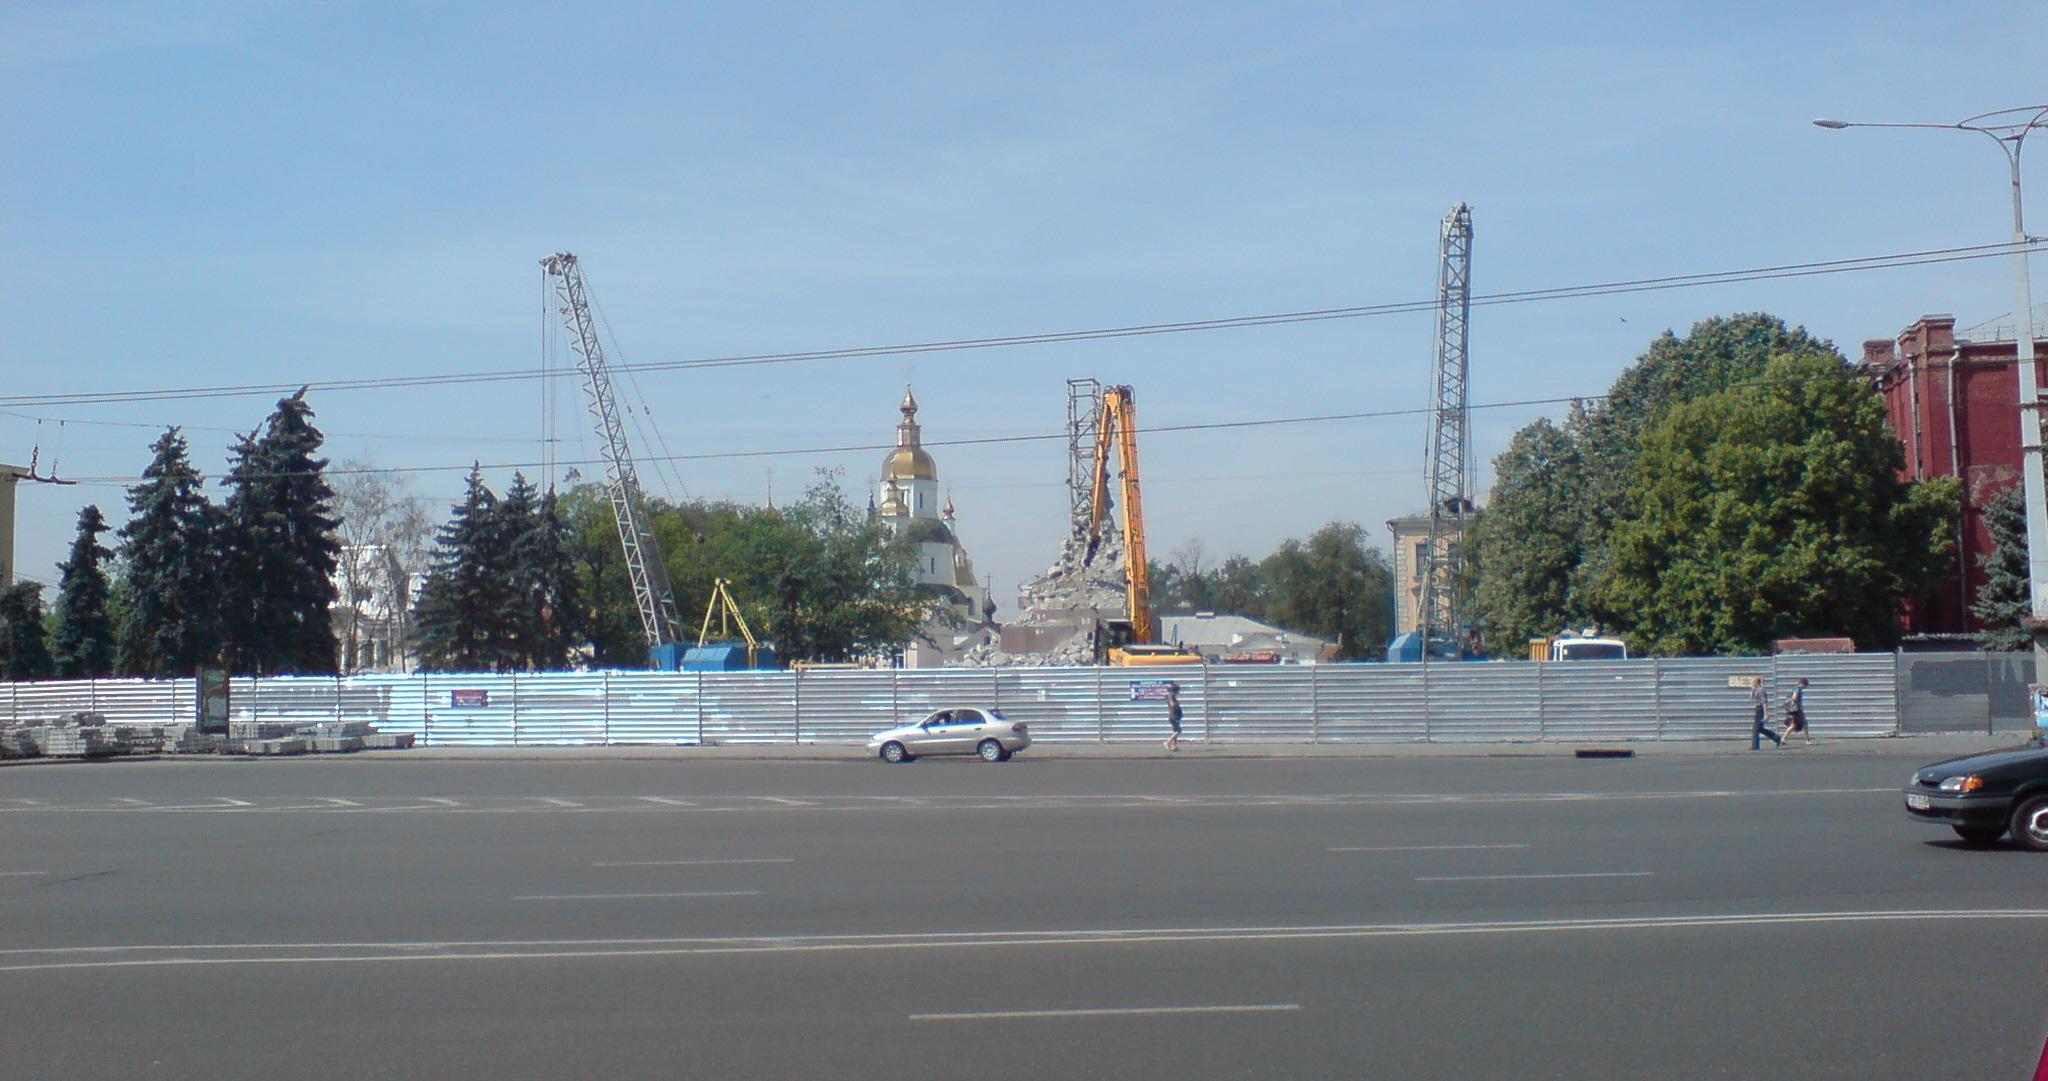 В Запорожье пытаются снести памятник Дзержинскому - Цензор.НЕТ 8756